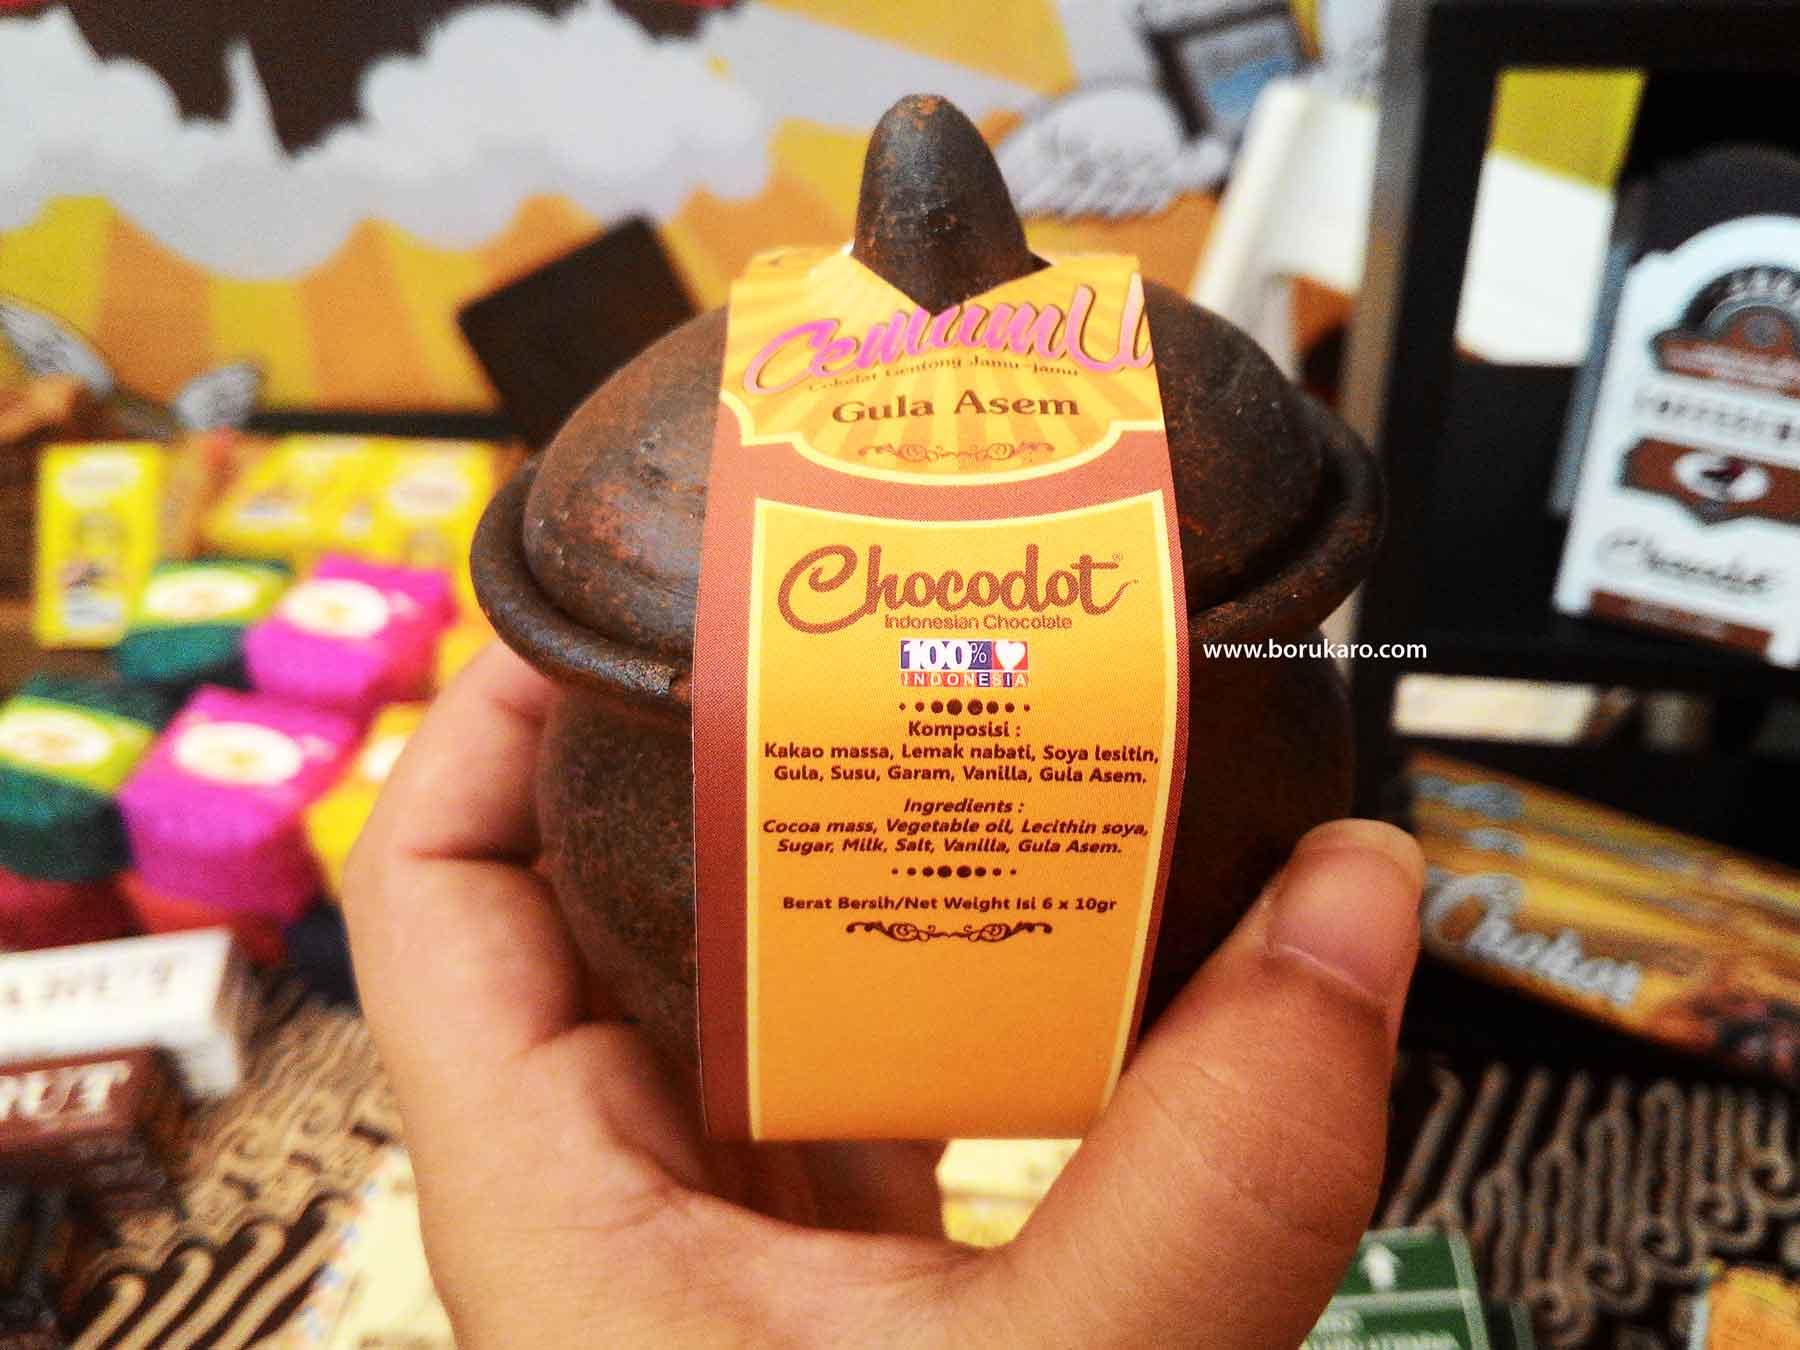 Chocodot, Dodol dalam Cokelat Oleh-oleh Khas Kota Garut